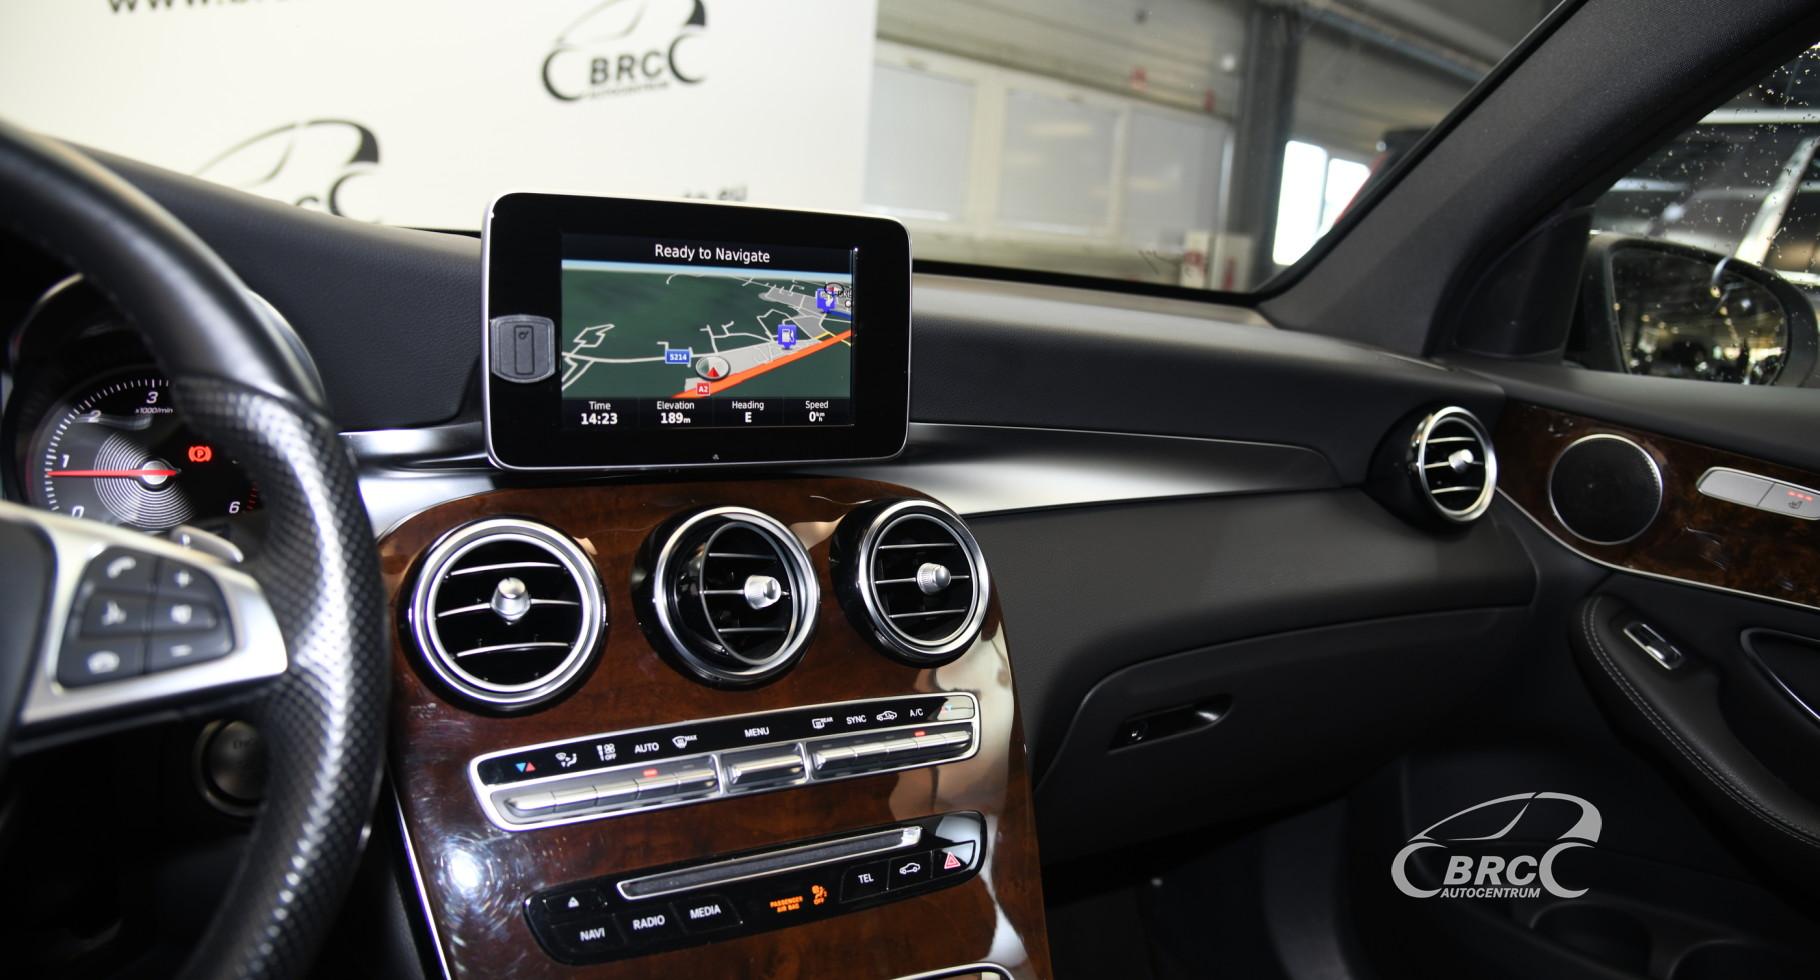 Mercedes-Benz GLC 250 d 4MATIC Automatas